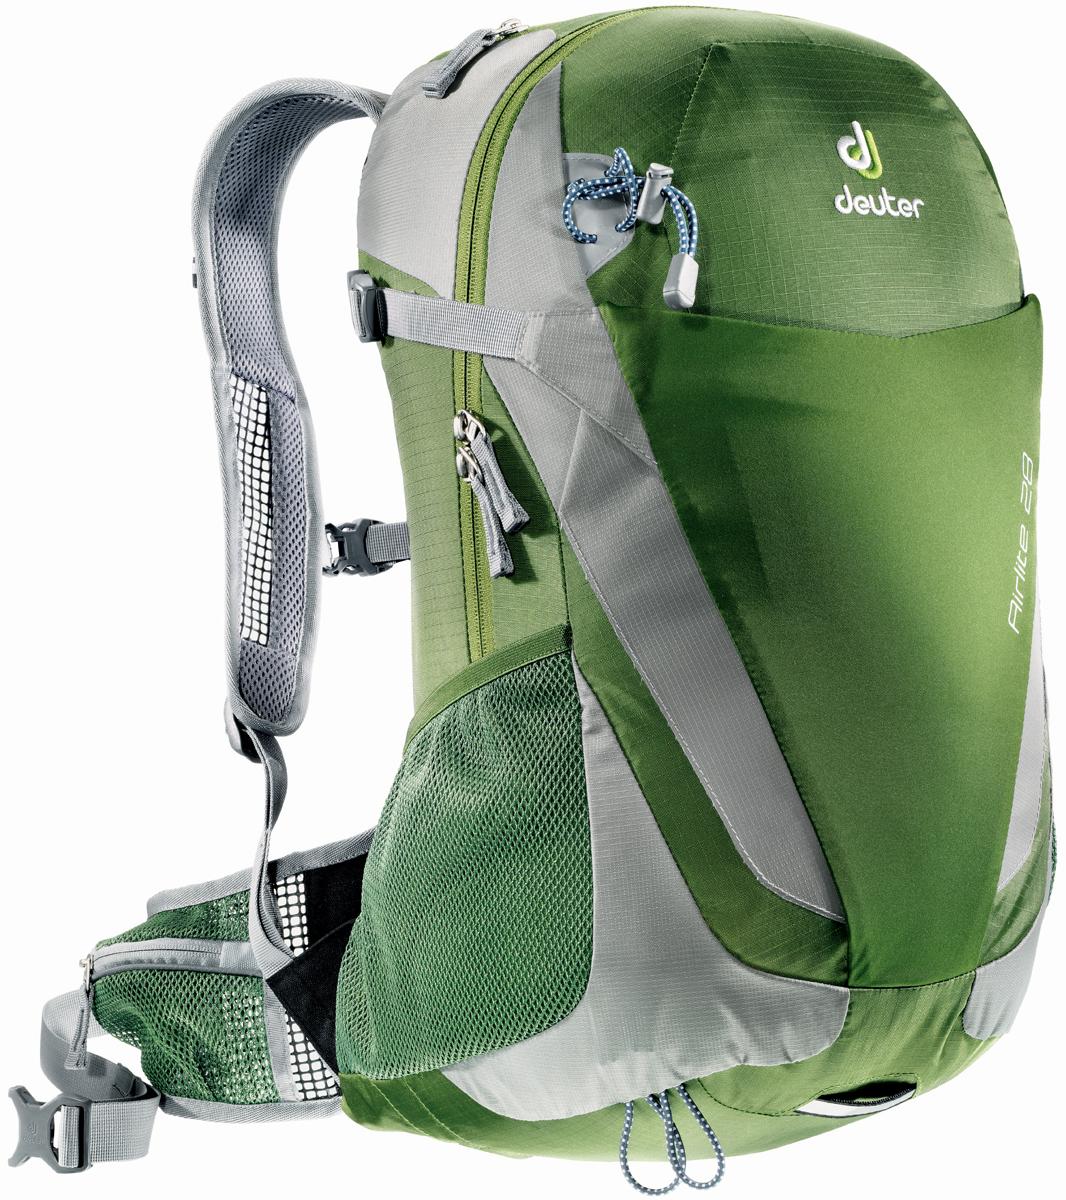 Рюкзак туристический Deuter Airlite, цвет: салатовый, серебристый, 28 л рюкзак туристический deuter climber цвет салатовый 22 л